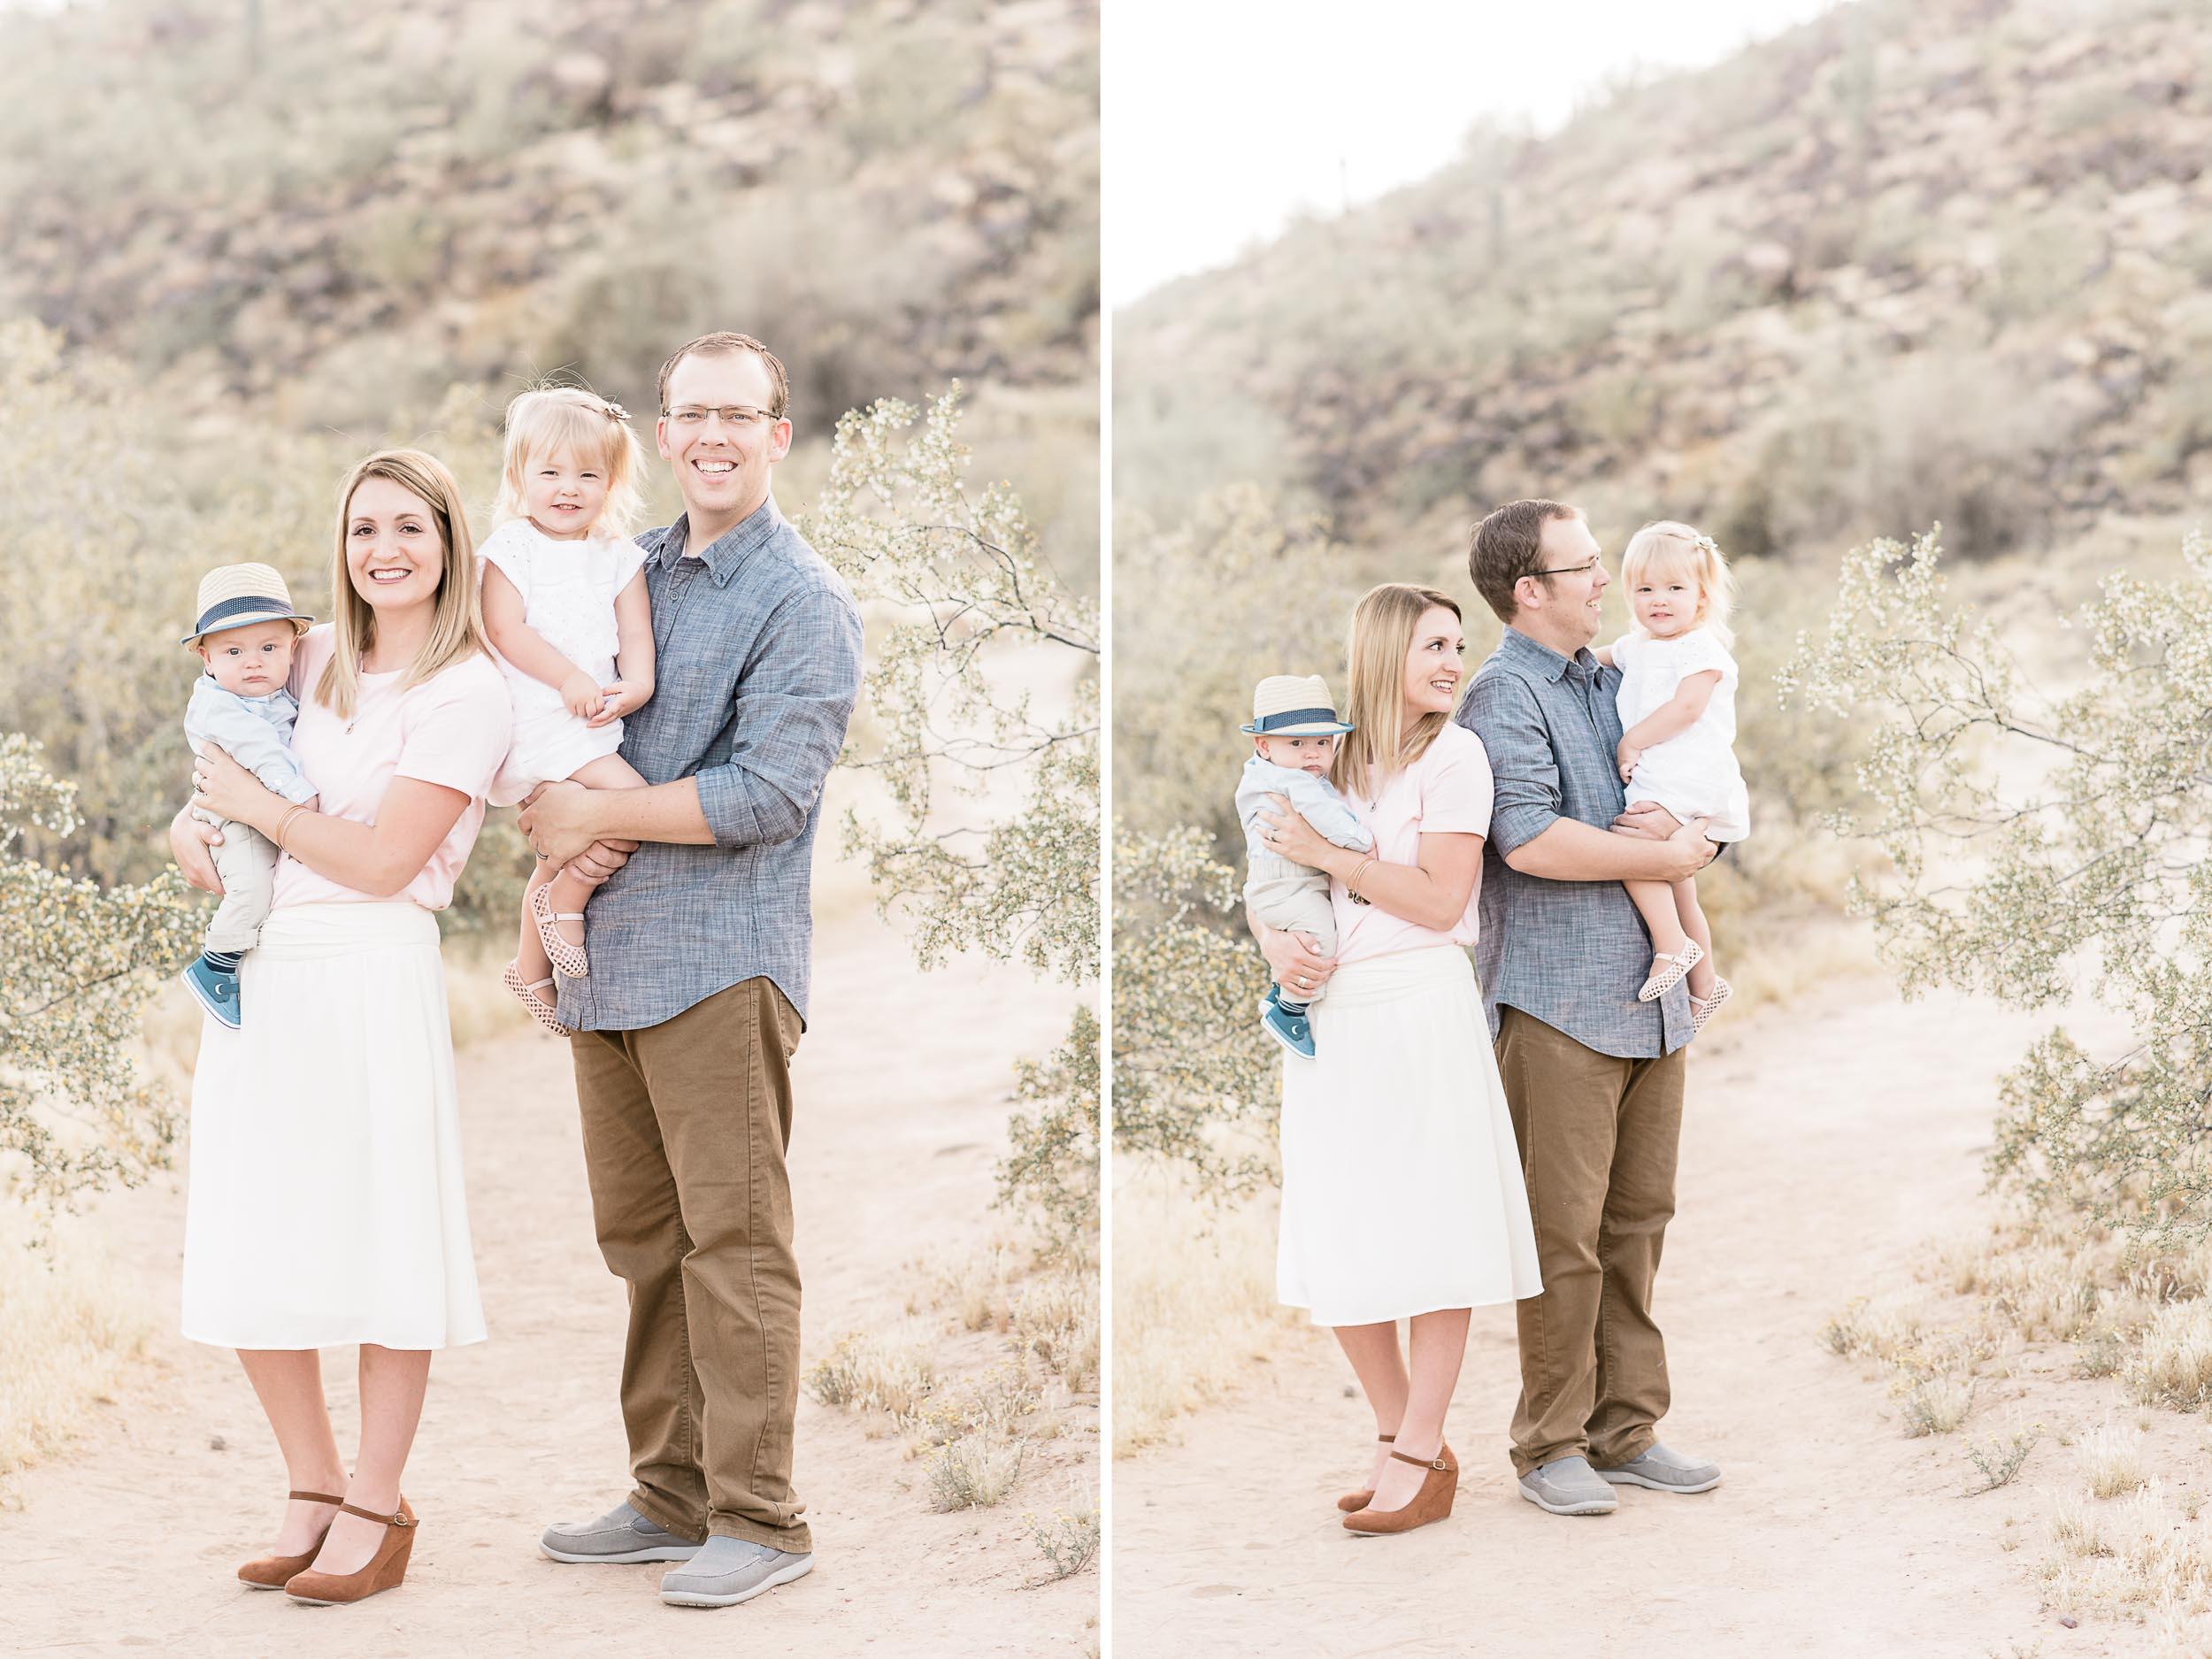 RachaelLaynePhotography_SCfamilyphotographer04-2.jpg